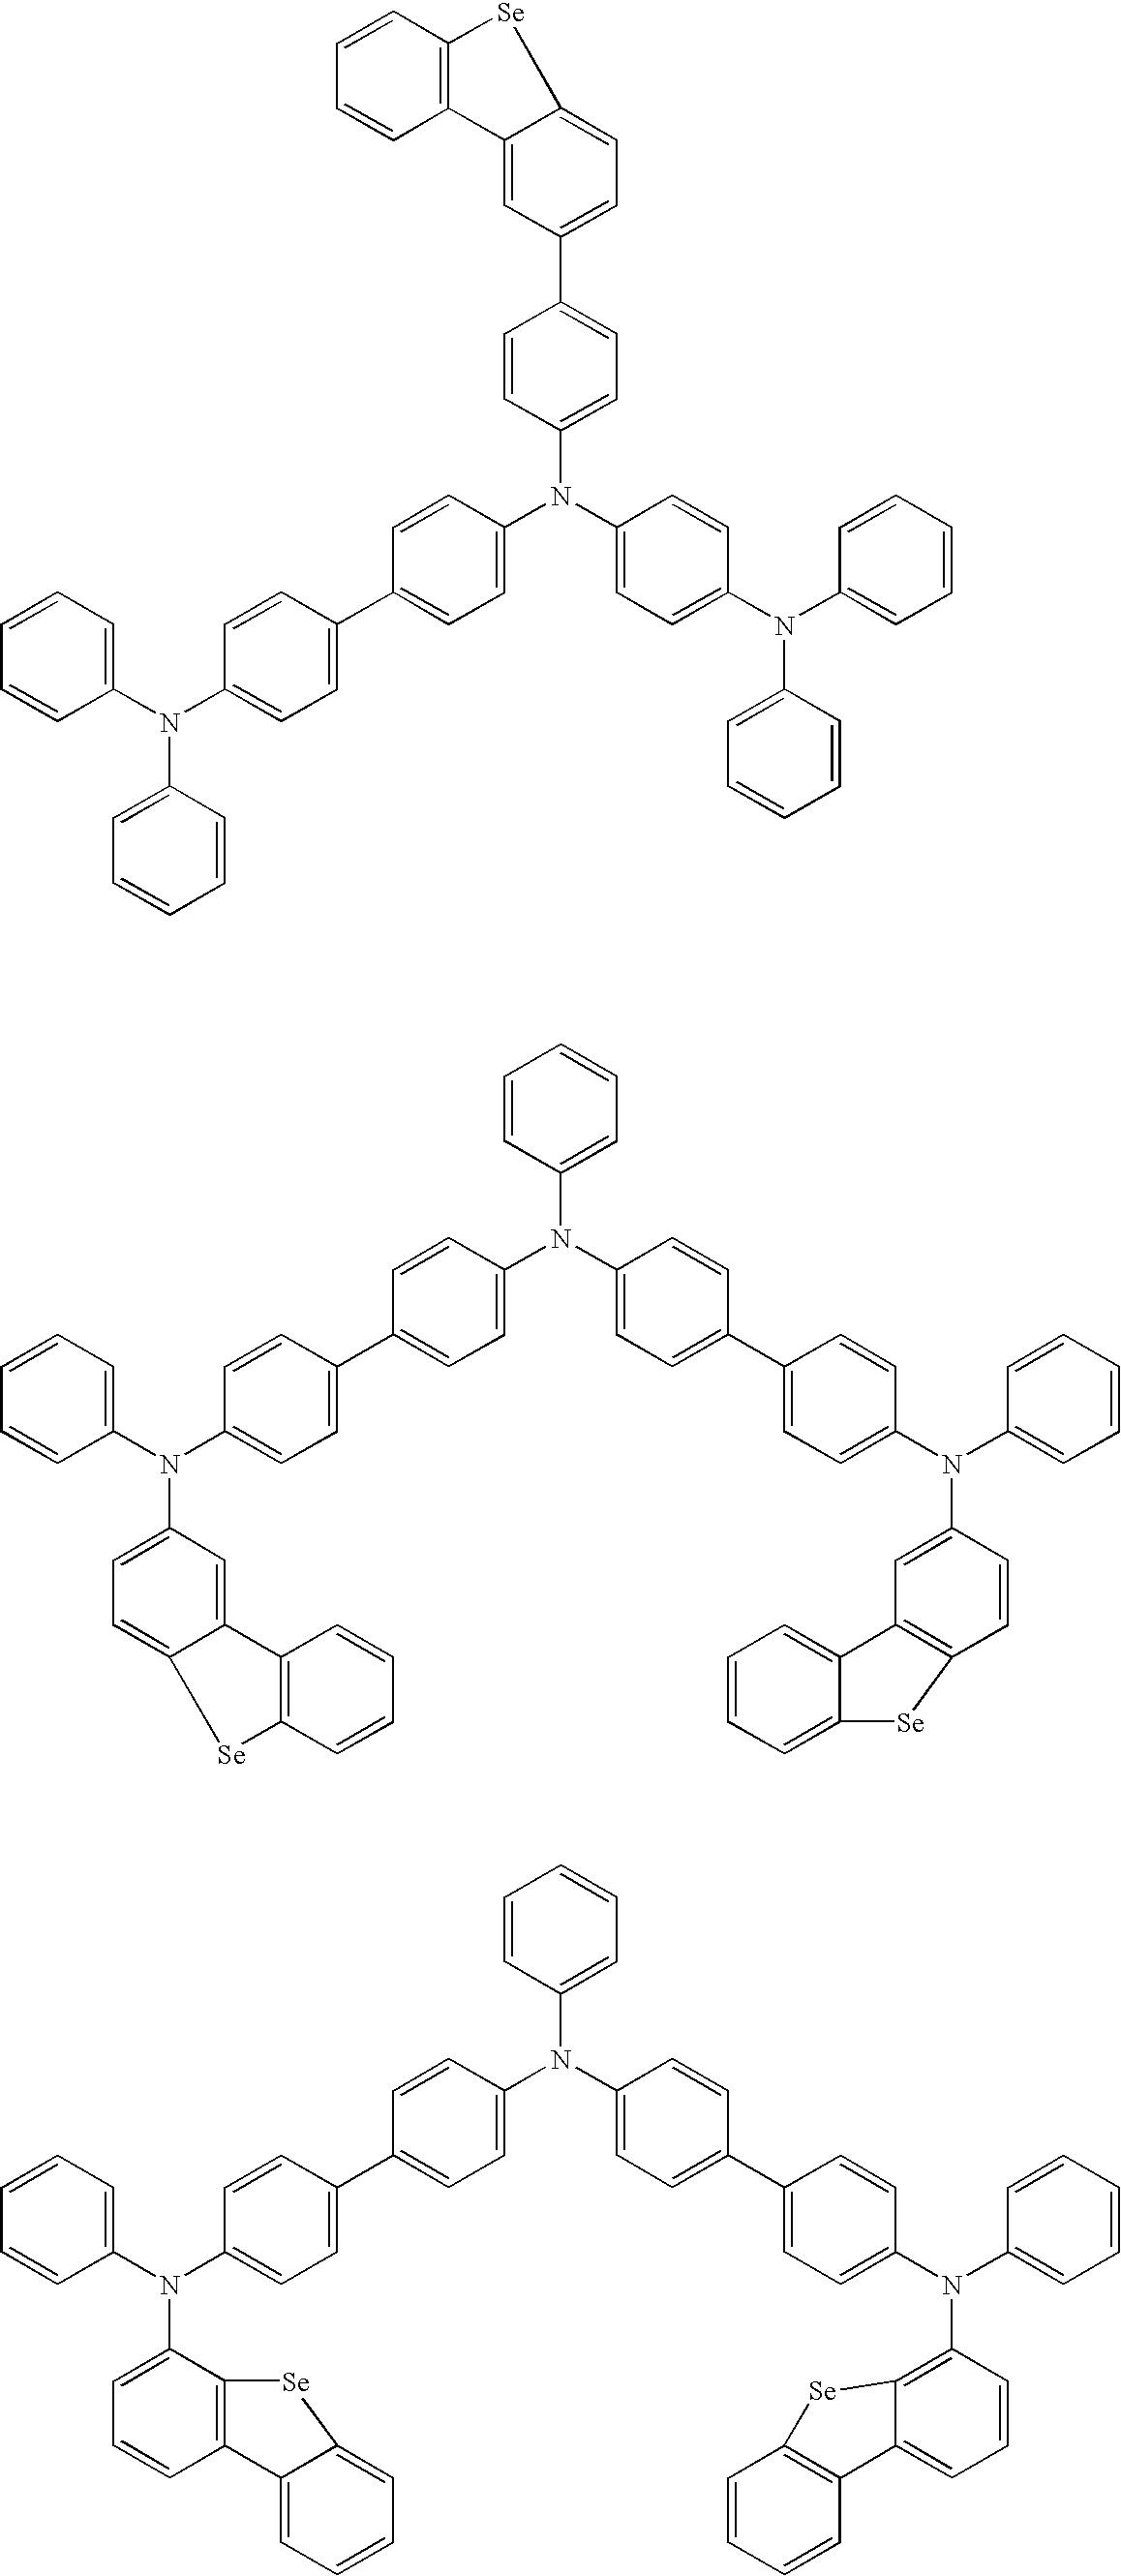 Figure US20100072887A1-20100325-C00026